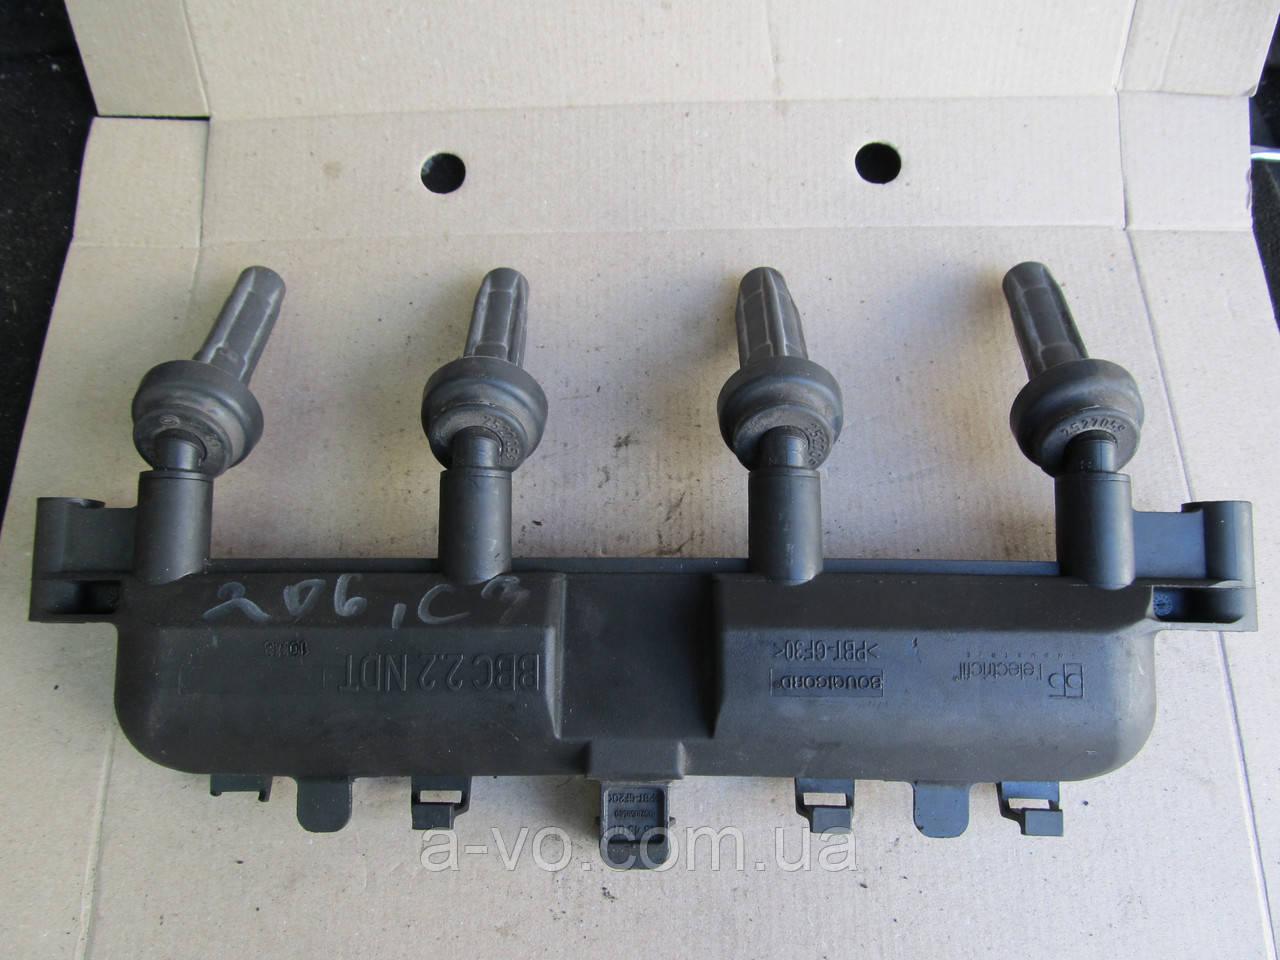 Катушка зажигания Citroen Berlingo Saxo Xsara Picasso Peugeot 106 206 306 406 Partner 1 2, 9628158580, 1543010